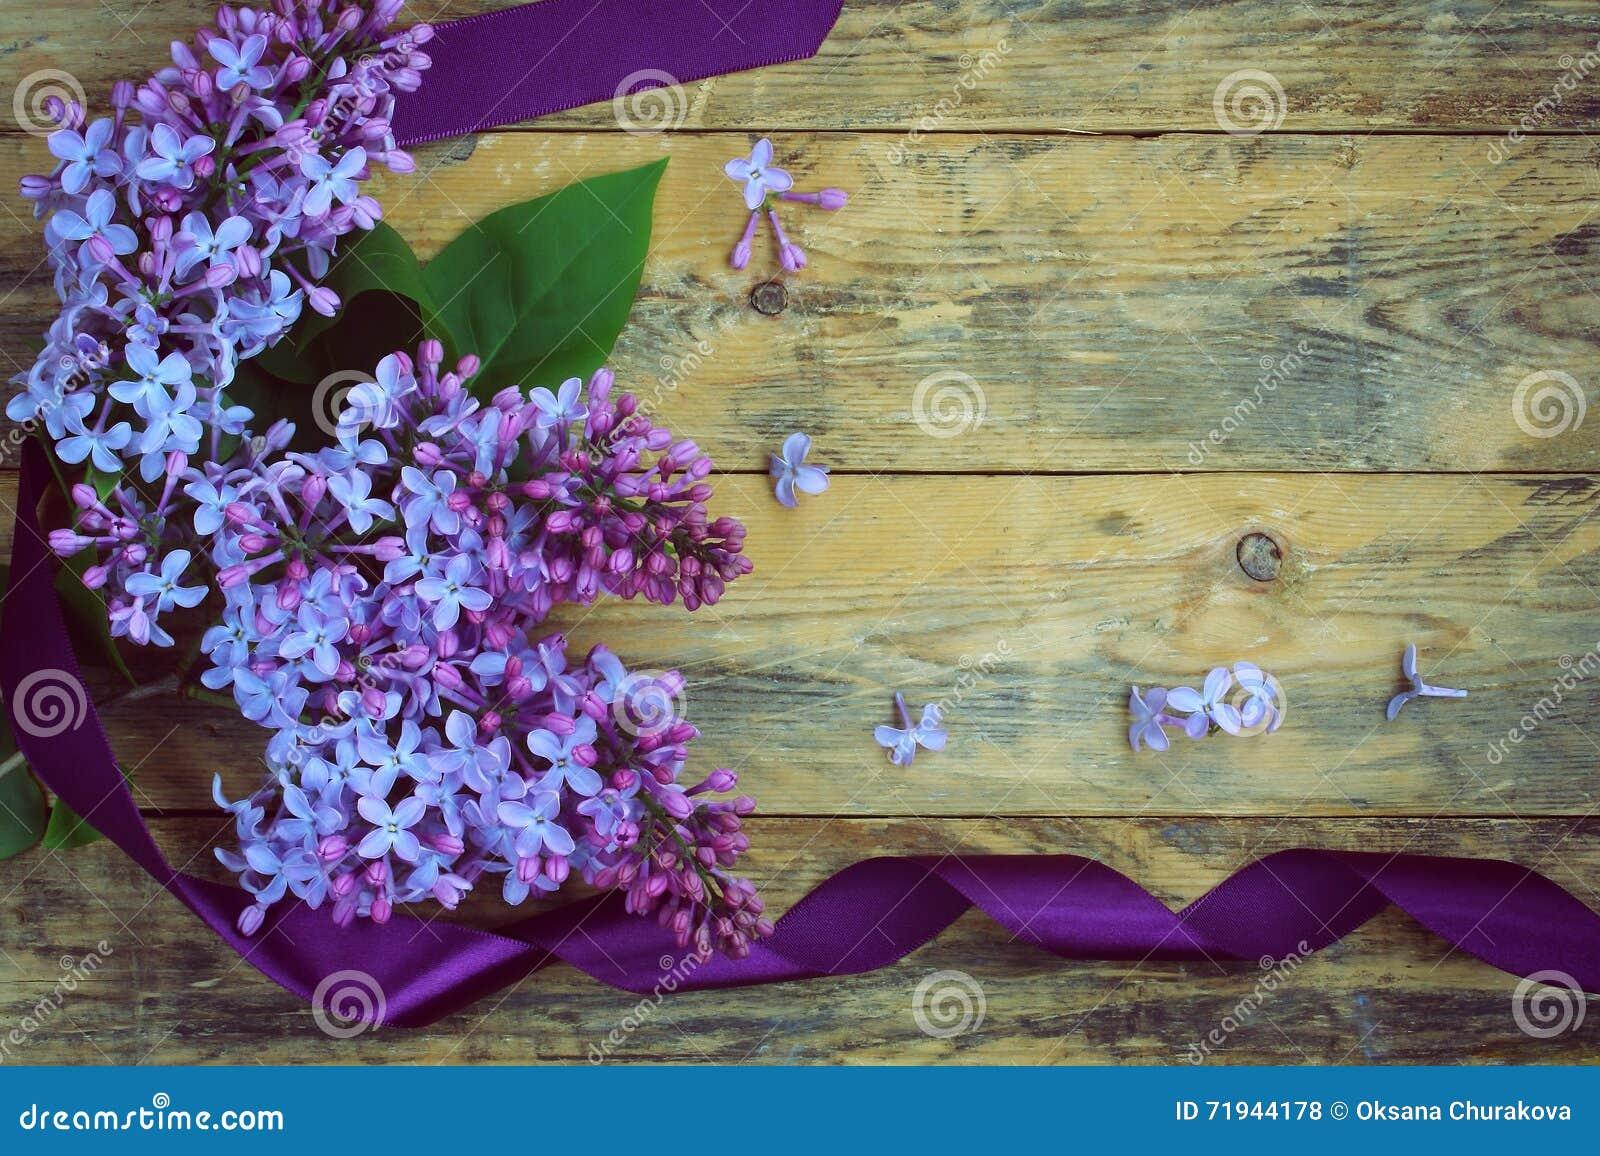 Букет ветвей сирени с фиолетовой лентой